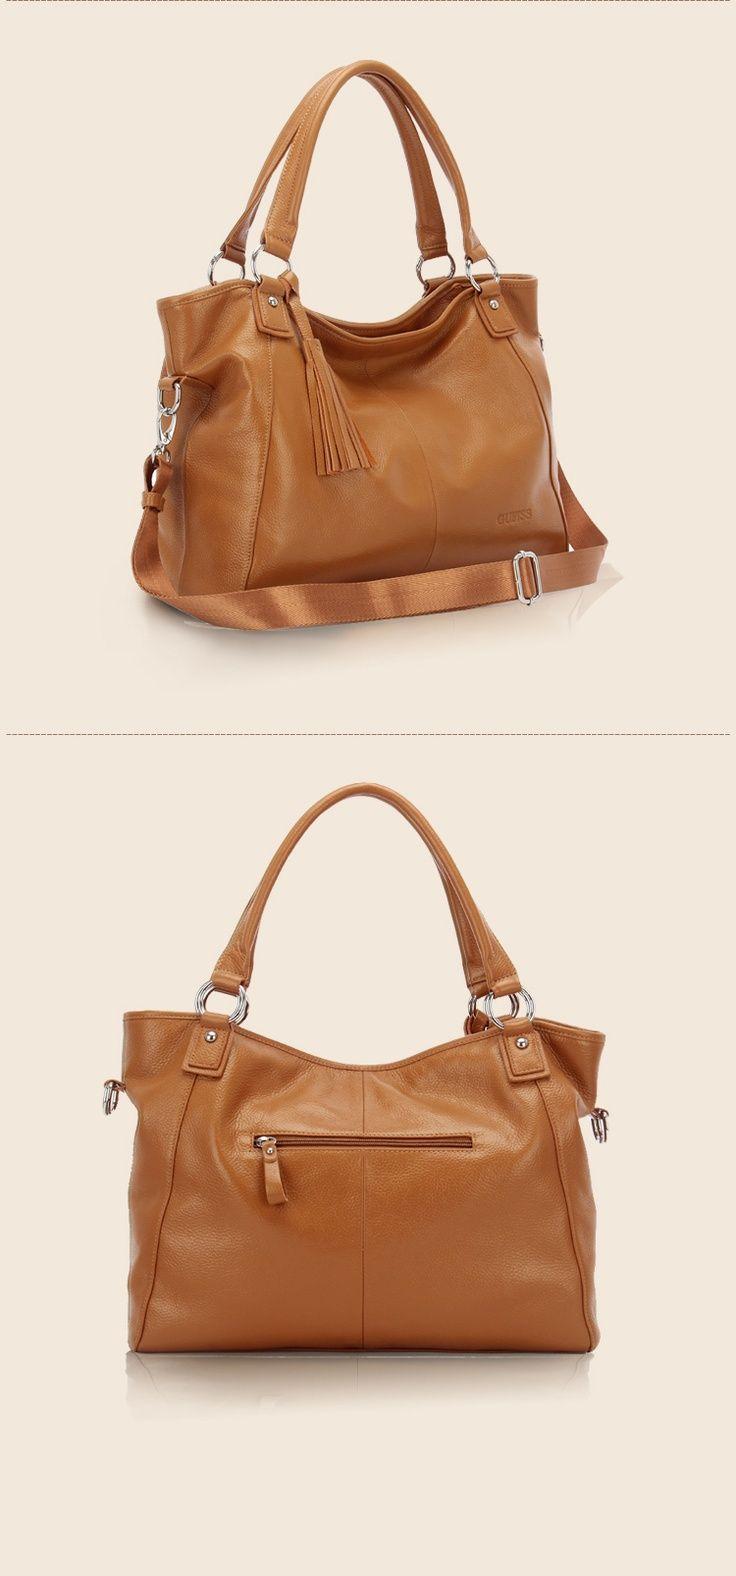 23 best Wholesale Knockoff Designer Handbags images on